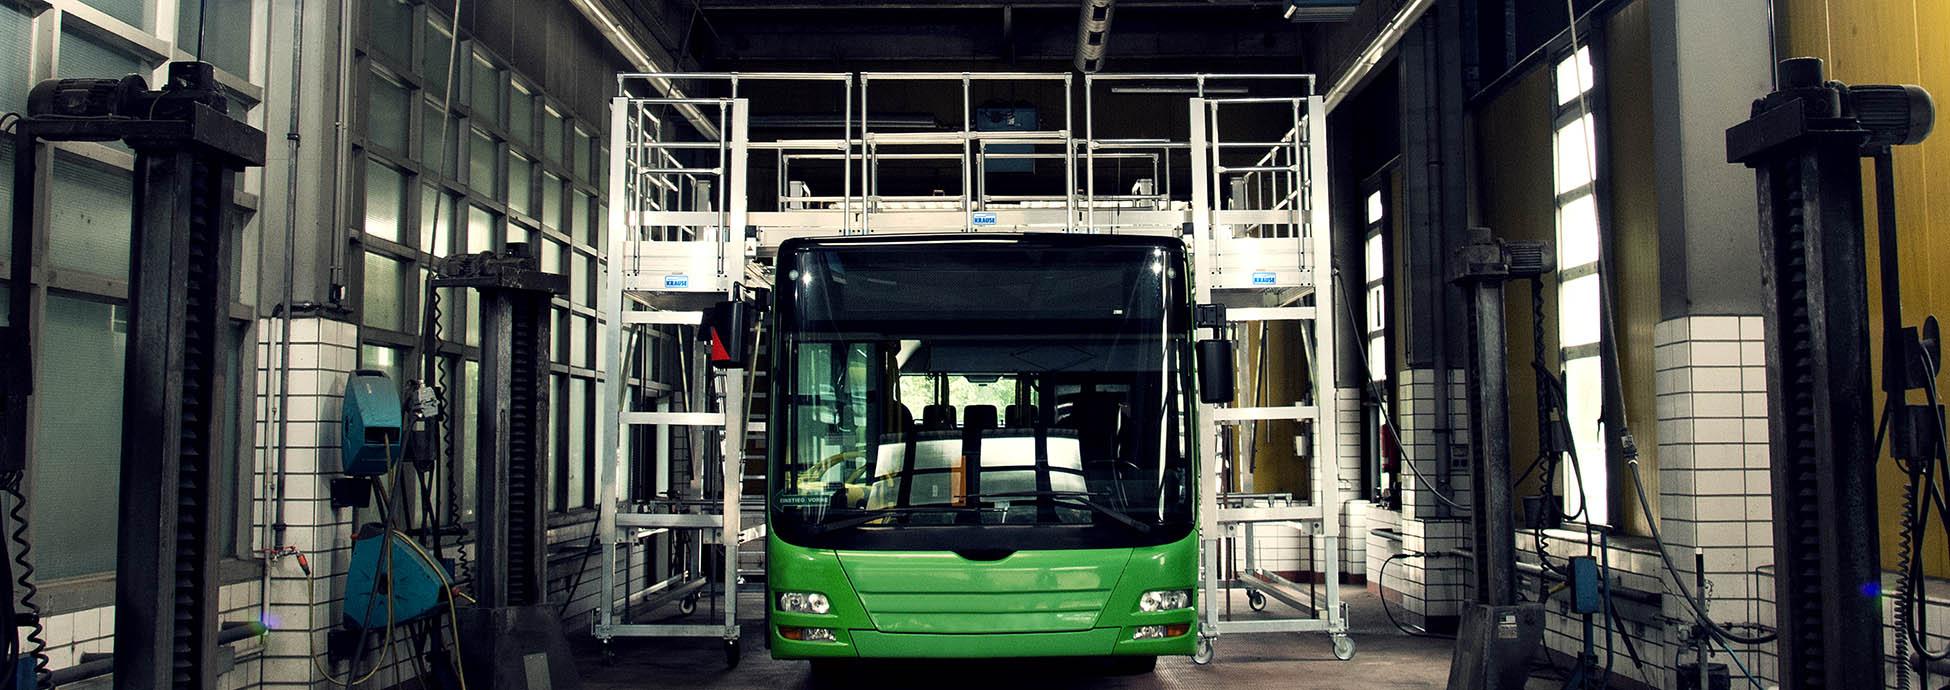 Gurítható munkaállvány buszok katbantartásához